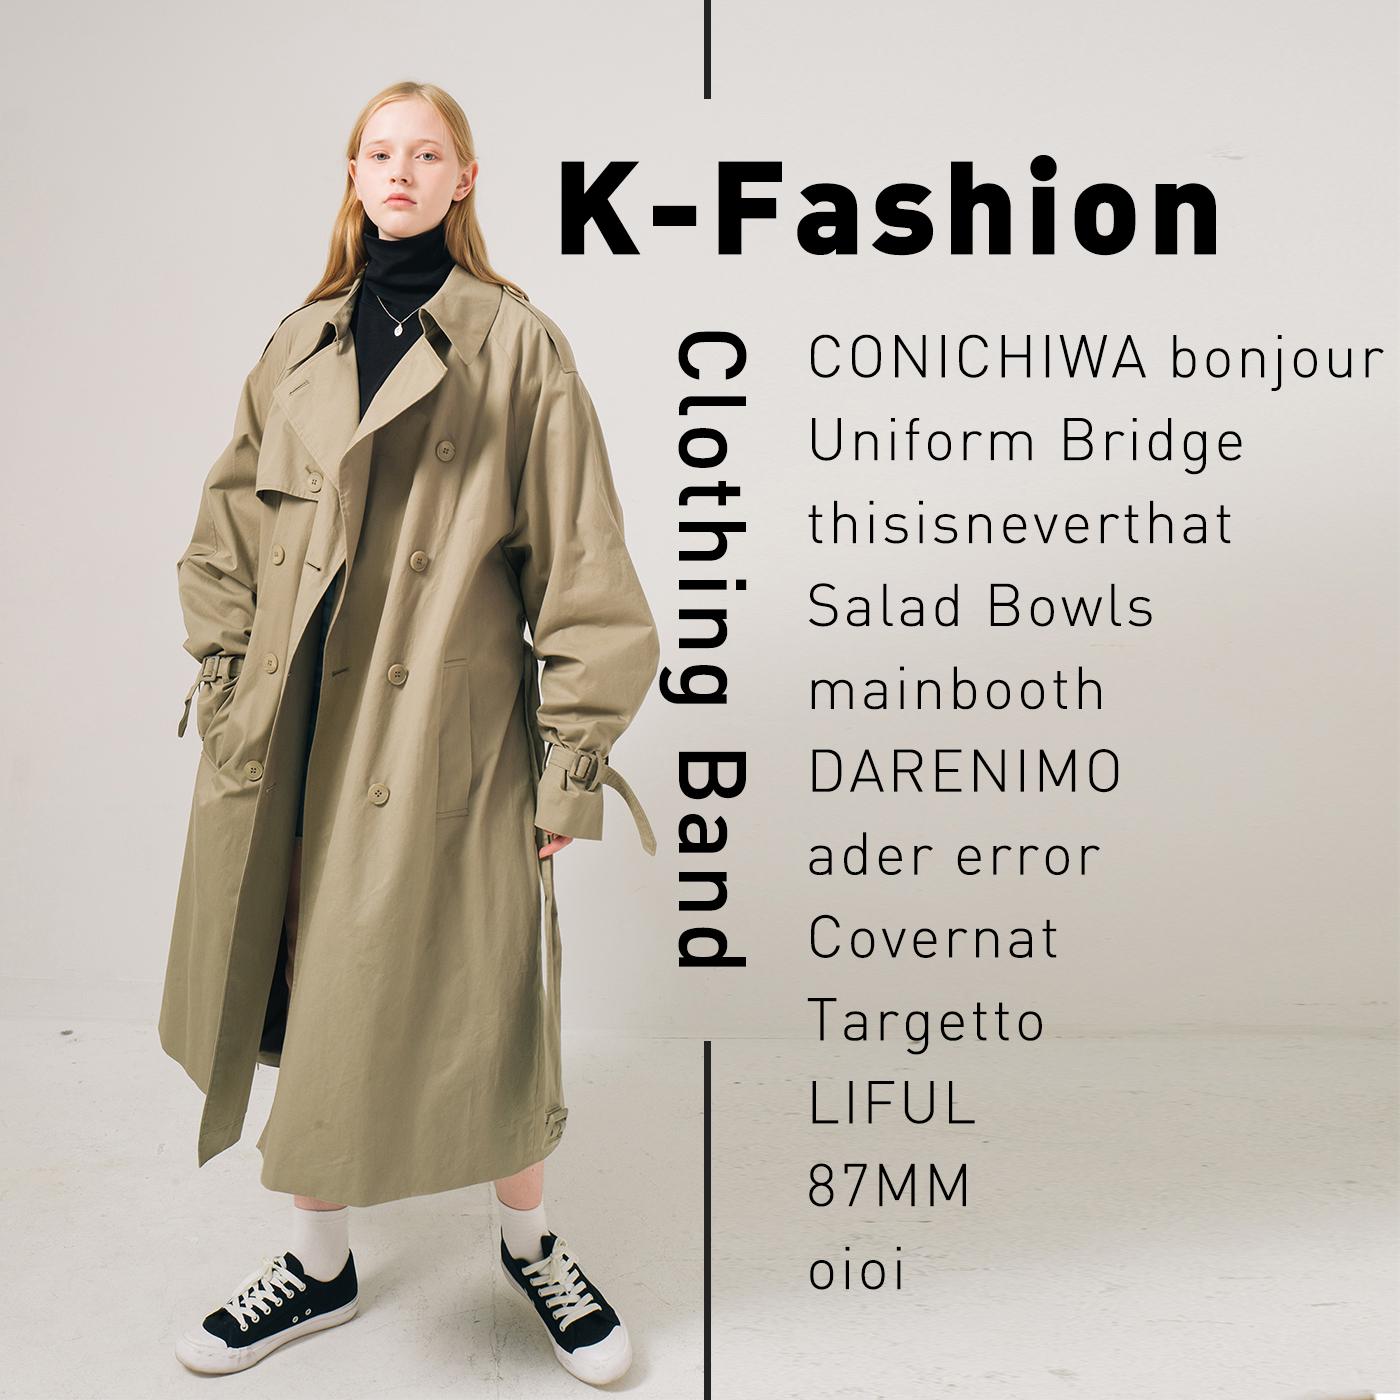 韓國品牌,韓國服裝,韓國時裝周,韓國選貨店,韓國男裝,韓國女裝,韓國首爾時裝週,首爾時裝週